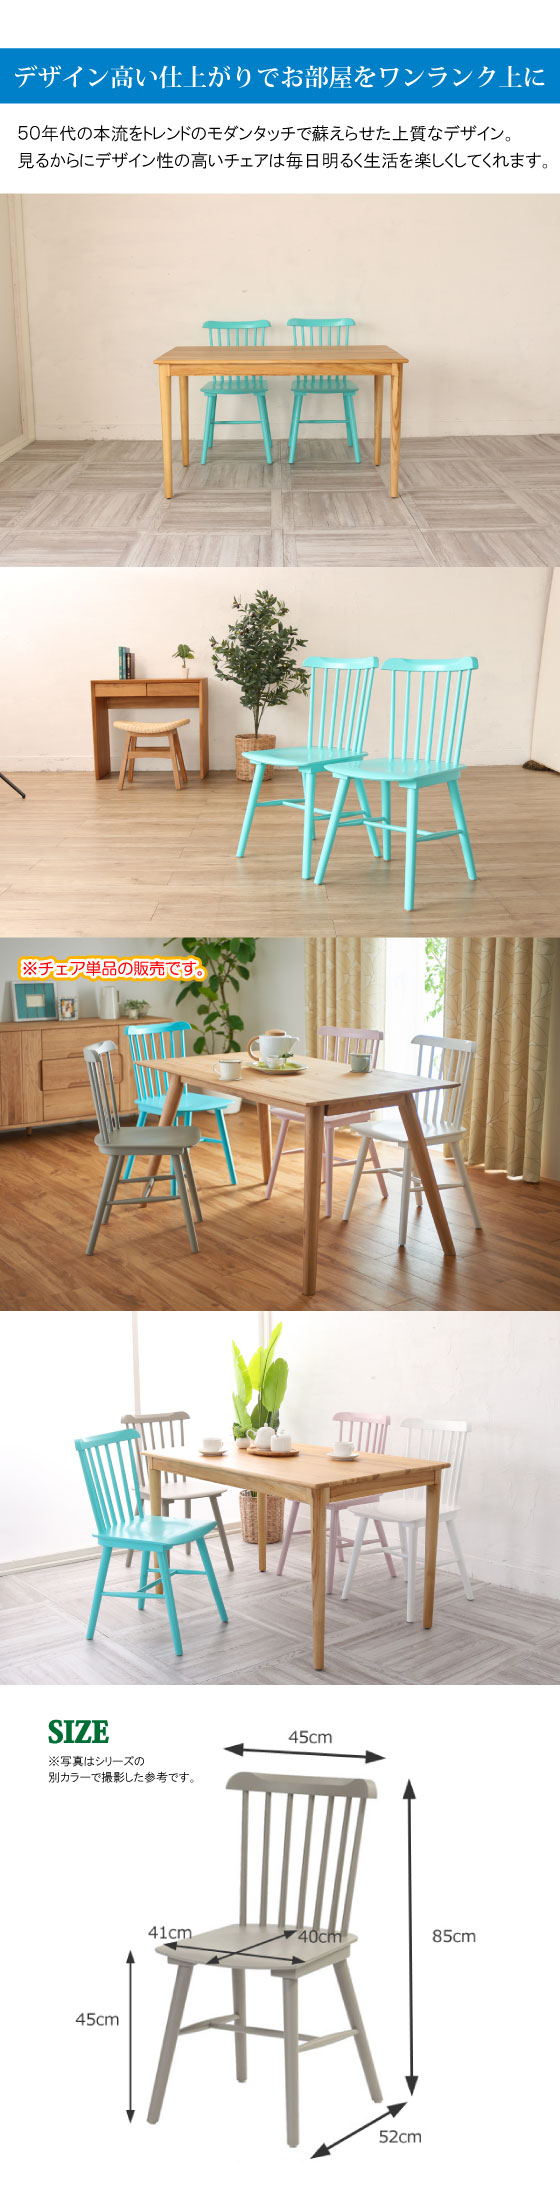 天然木製・フランスデザイナーズチェア2脚セット(完成品)ブルー